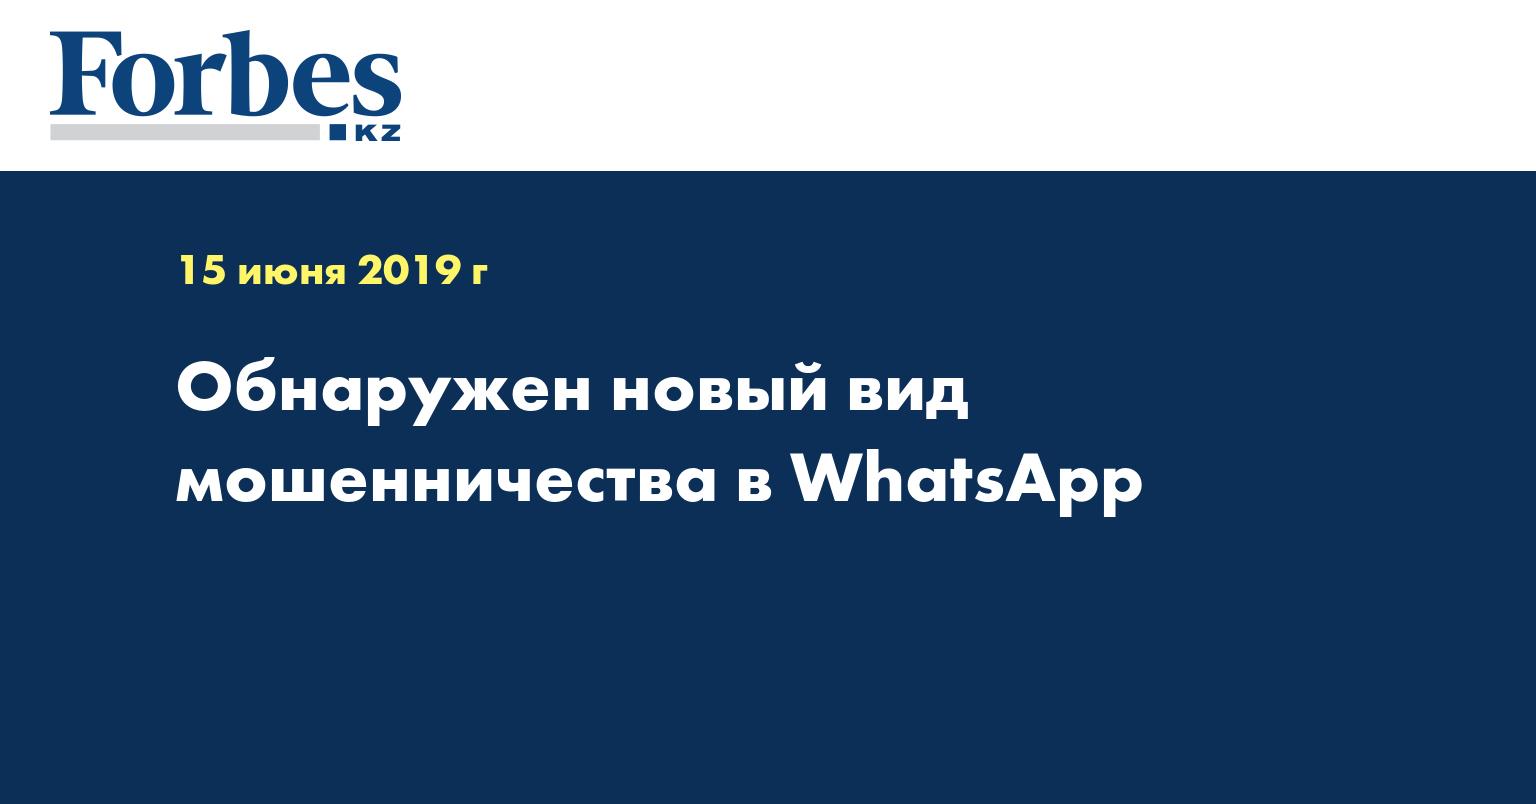 Обнаружен новый вид мошенничества в WhatsApp